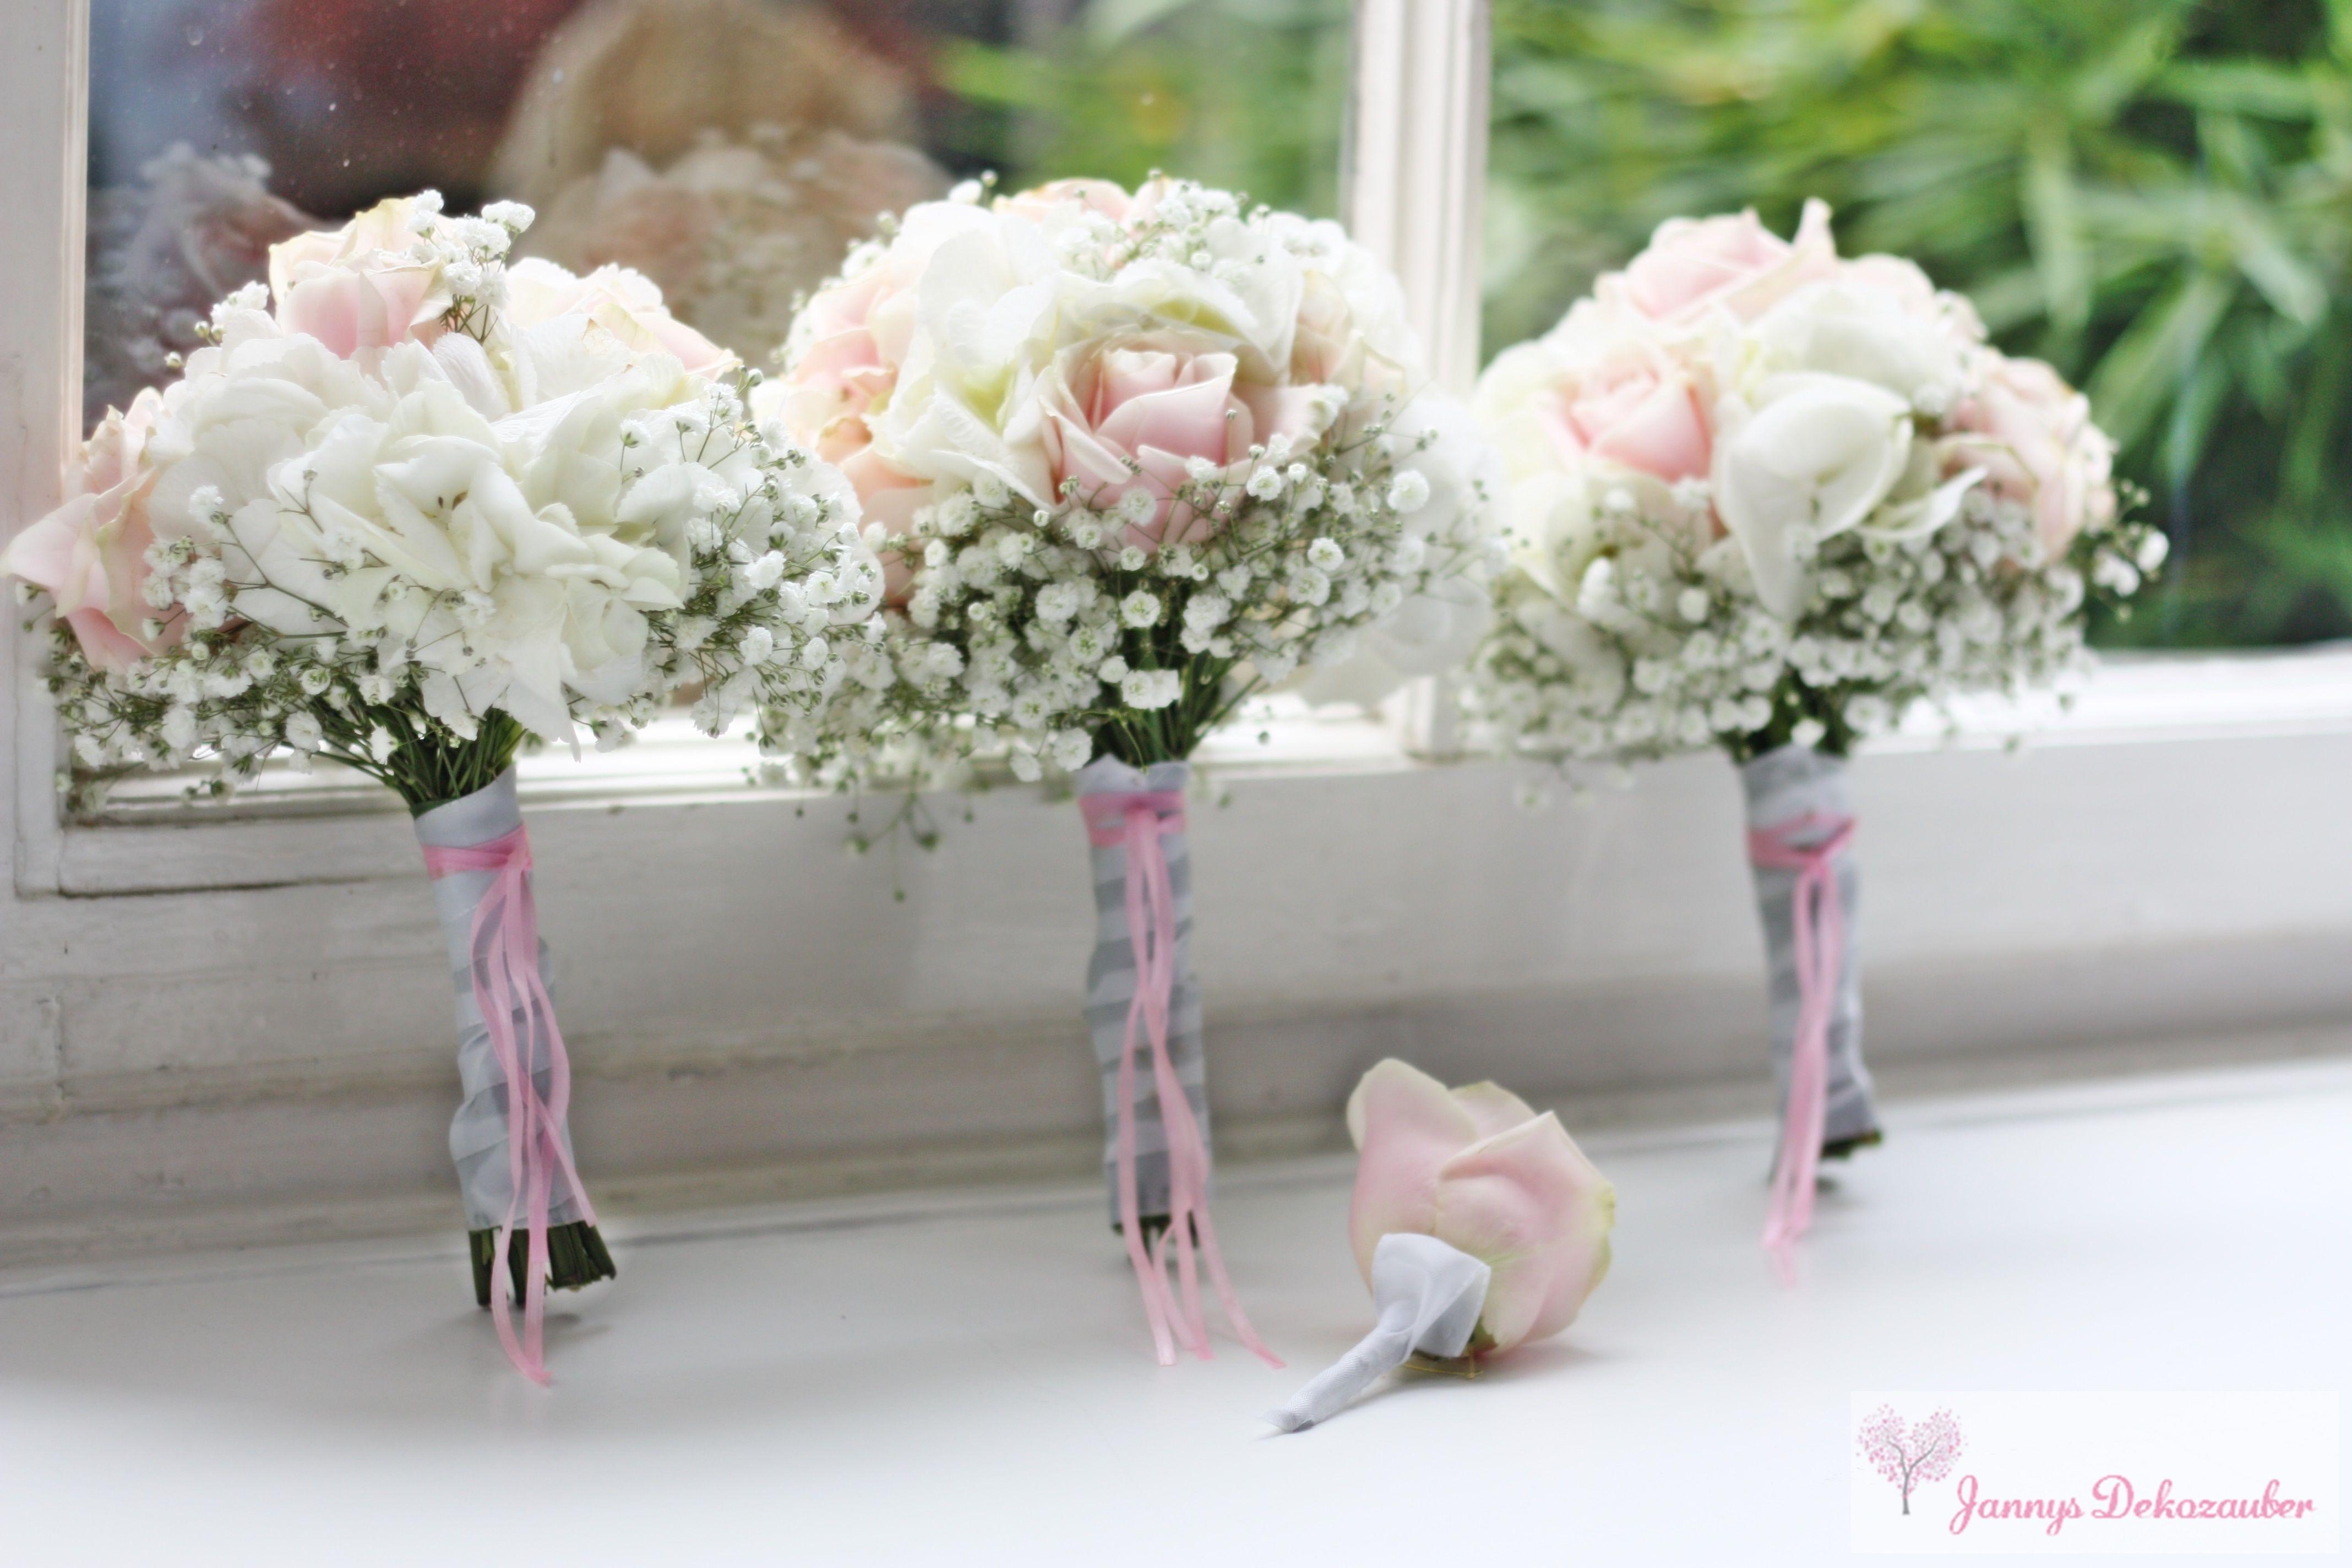 Brautjunger str u e trazeugin strau trauzeuge anstecker Rosa tischdeko hochzeit